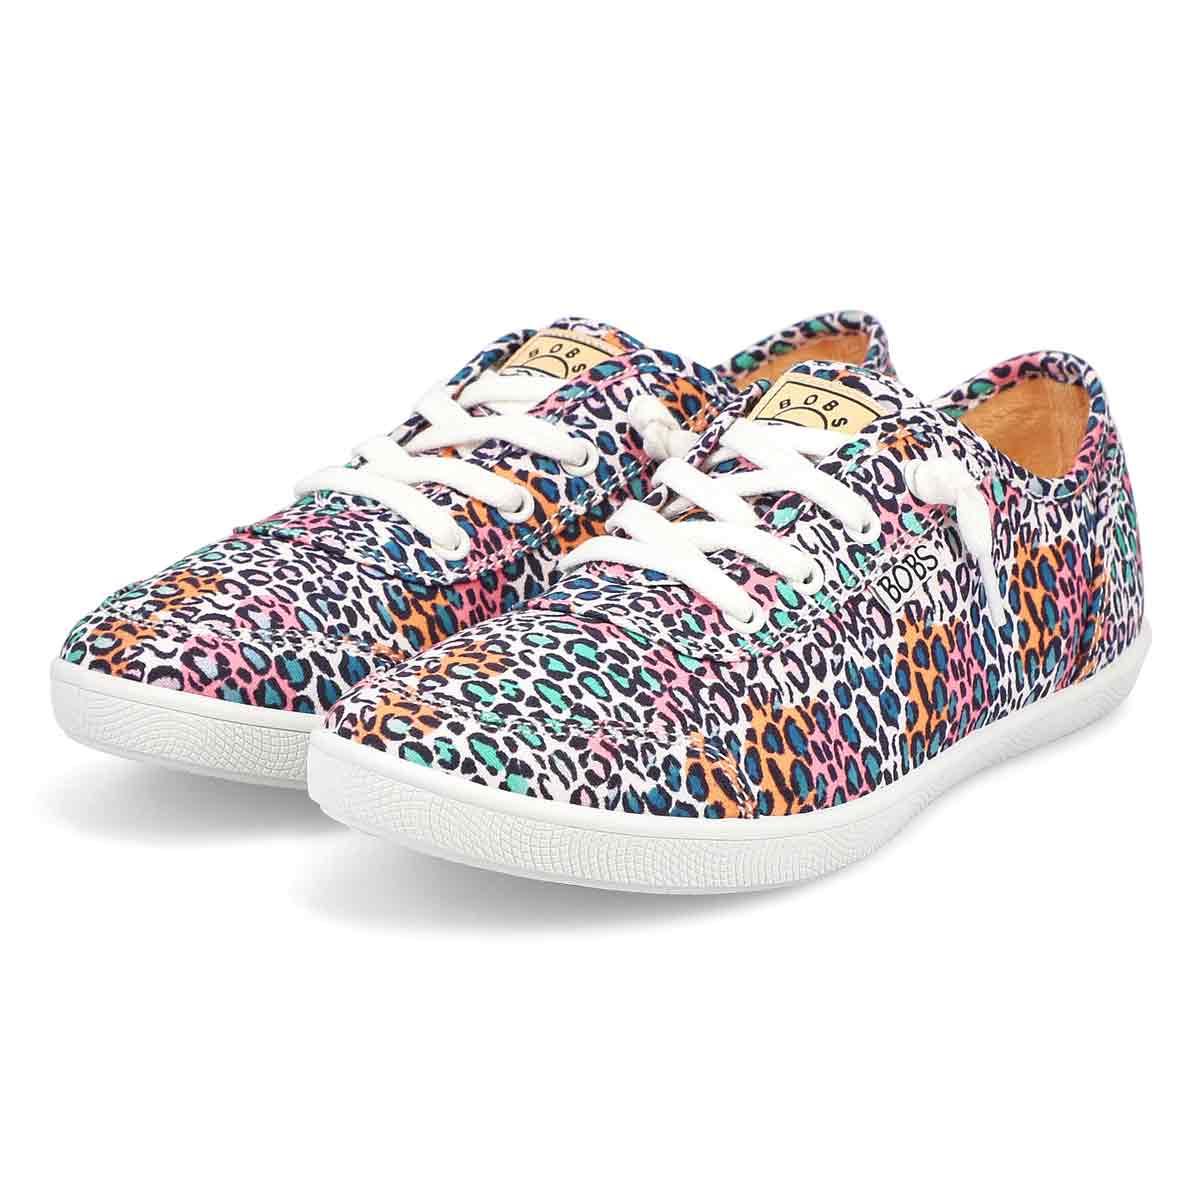 Women's Bobs B Cute Sneaker - Multi/Leopard